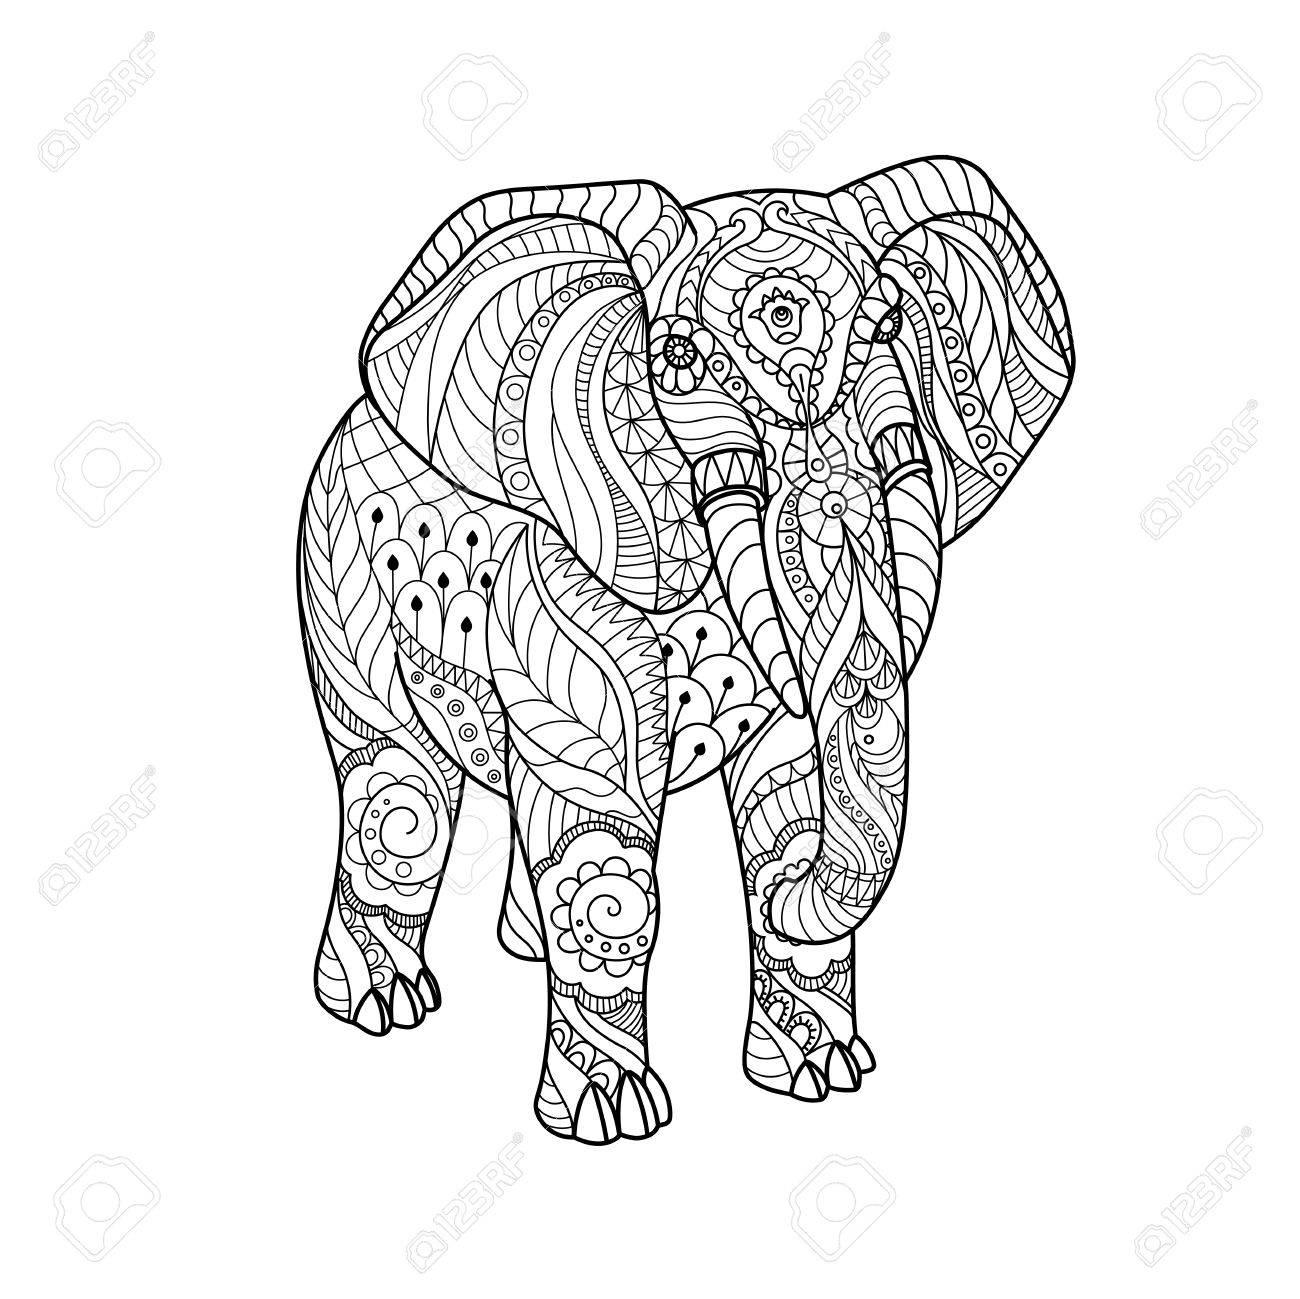 Elefante Sobre Fondo Blanco Boceto A Mano Alzada Para Adultos Anti Estrés Página De Libro Para Colorear Con Elementos Doodle Y Zentangle